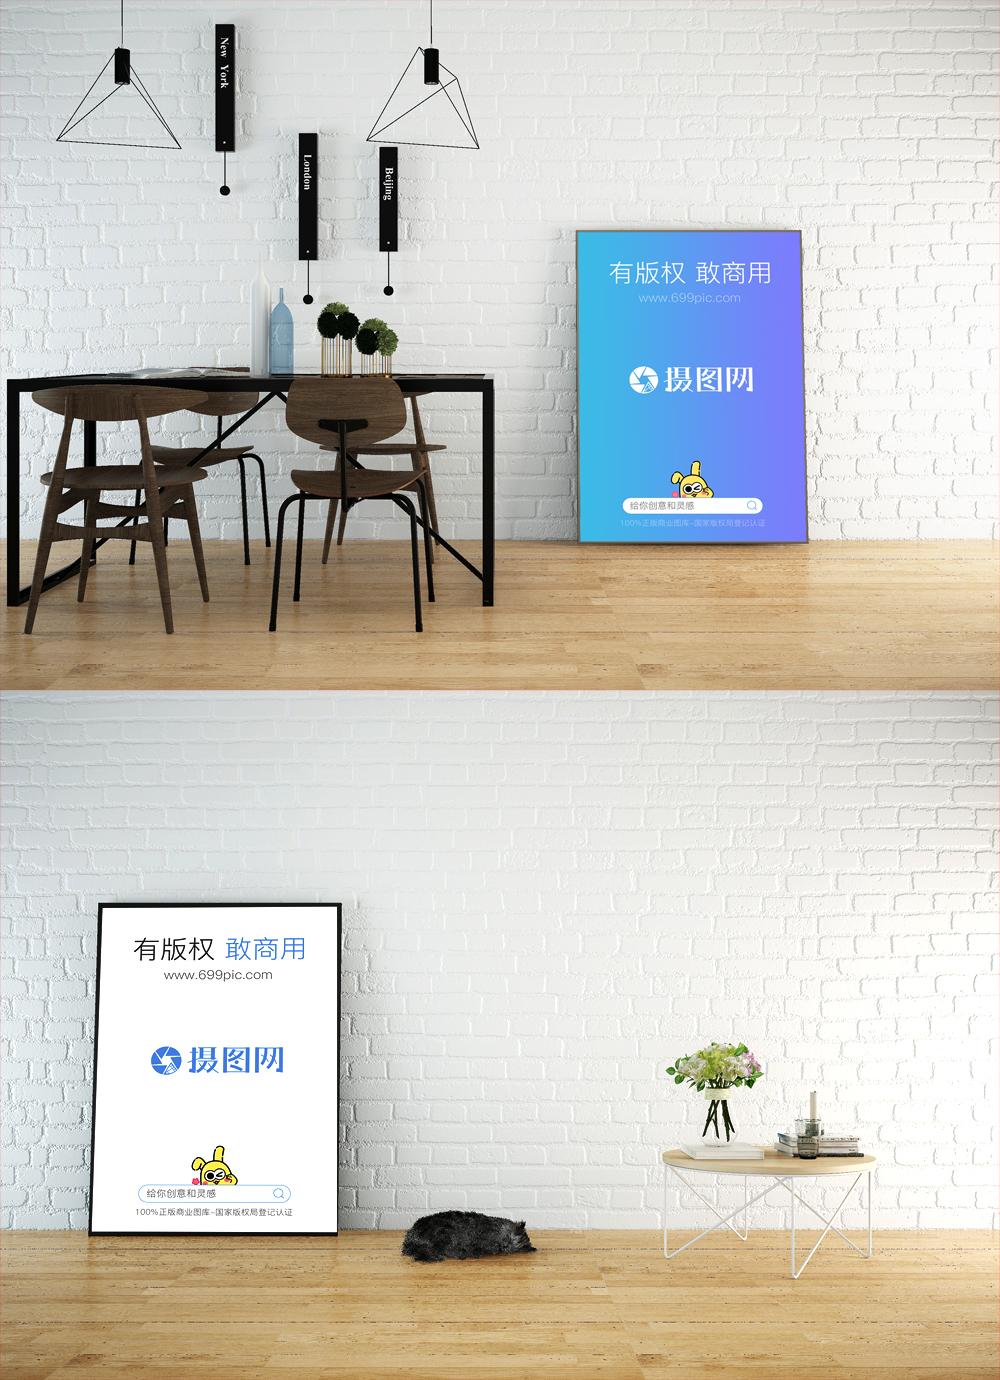 Wanddecoratie Met Fotos.Wanddecoratie Schilderij Machine Foto Gratis Afbeelding Downloaden